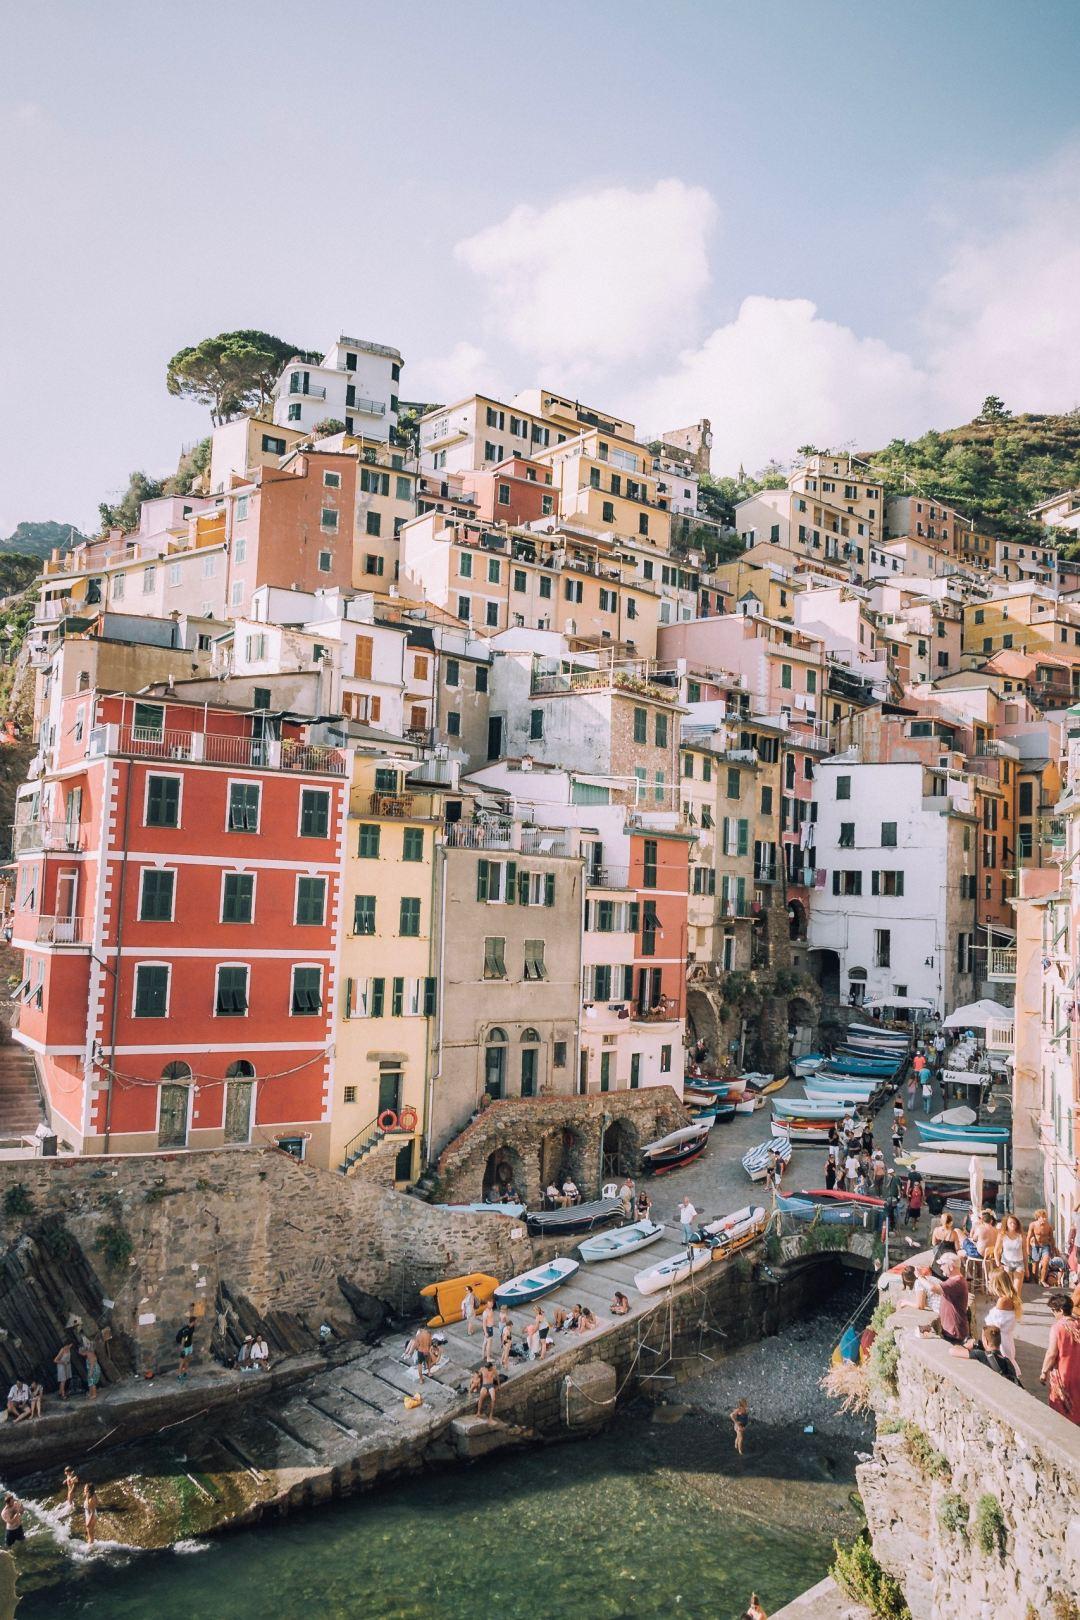 Dame Traveler's March Playlist: La Bella Vita, An Italian Escape